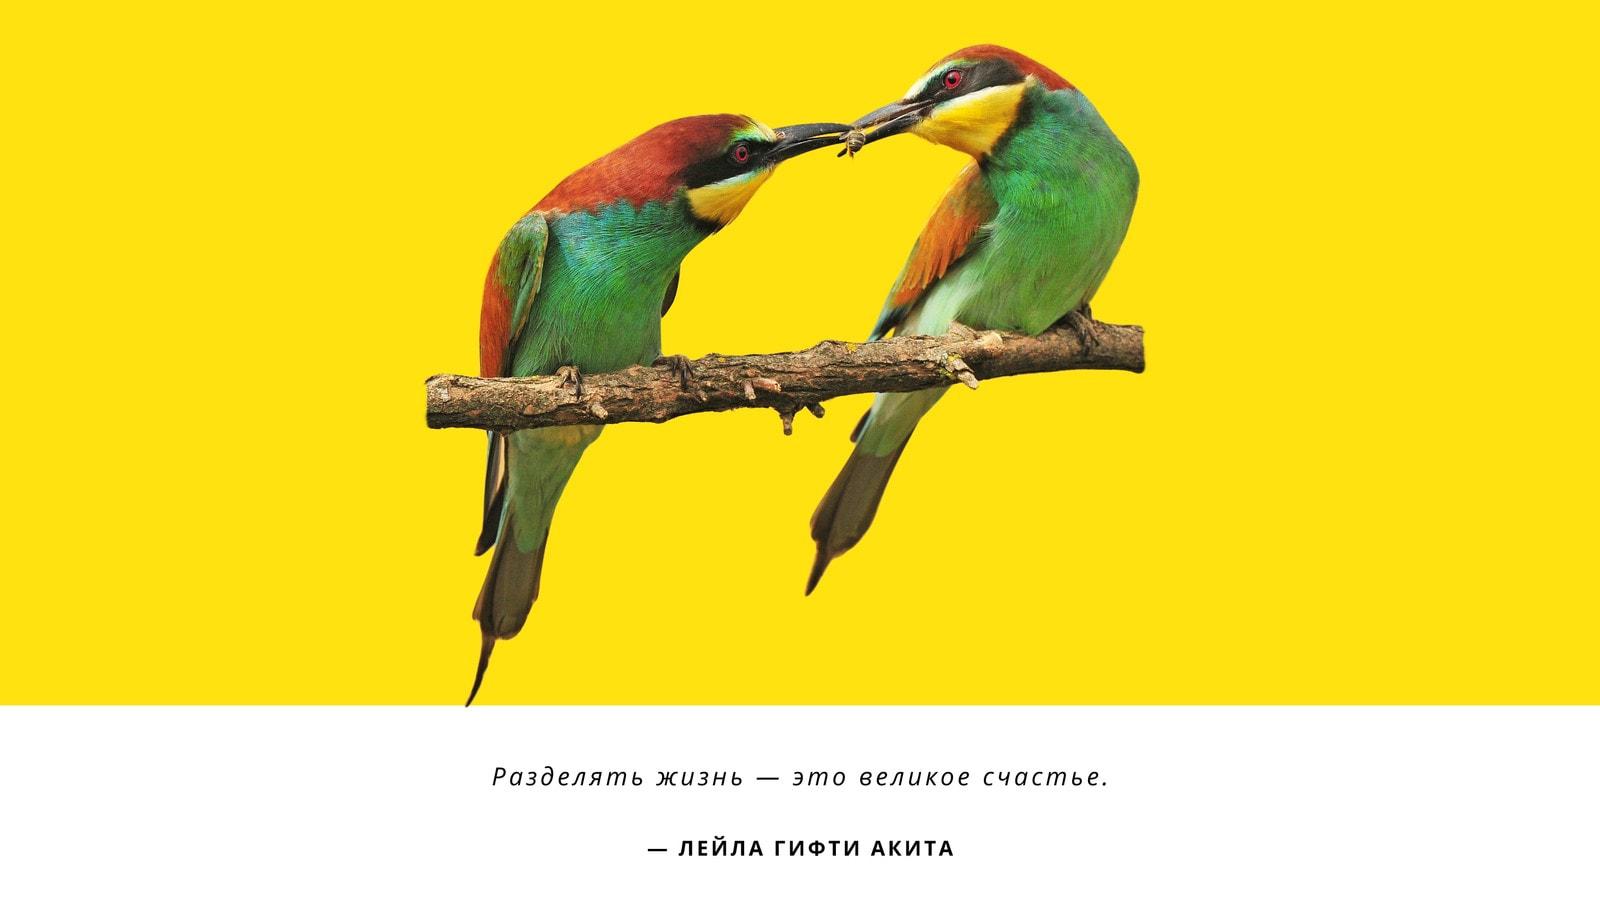 Желтые Обои на  Рабочий Стол с Пальмой Птицами и Природой